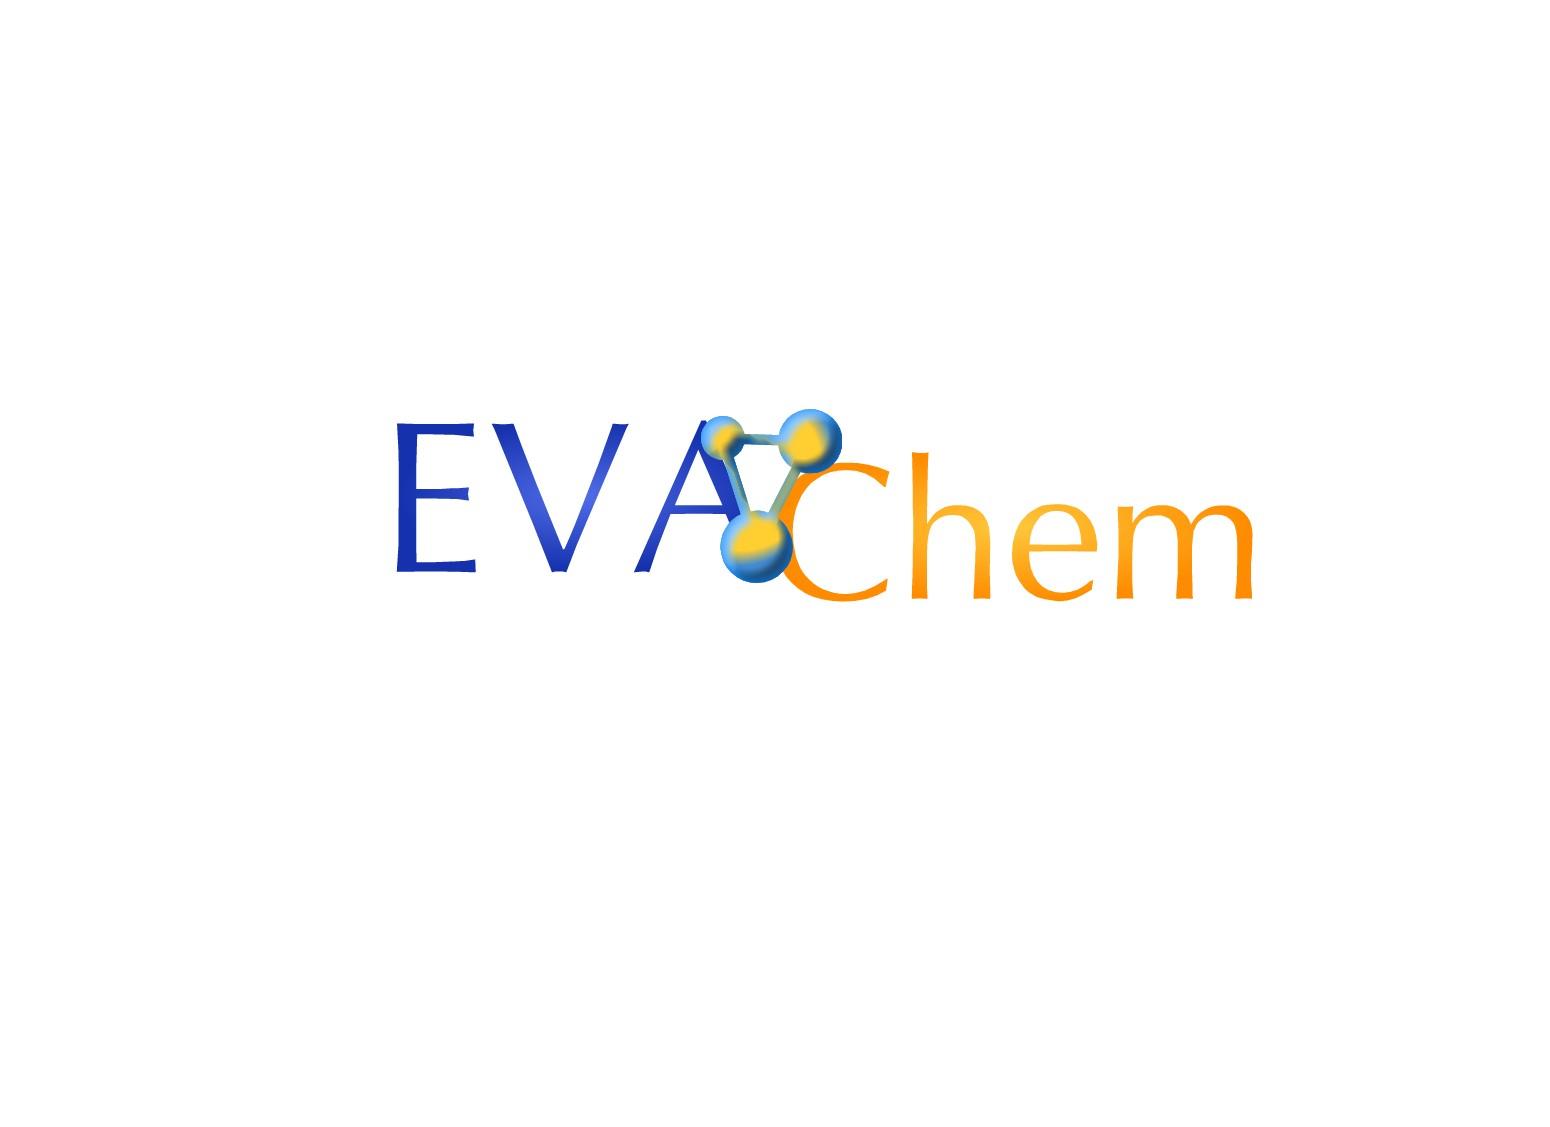 Разработка логотипа и фирменного стиля компании фото f_616571ca6e601ad5.jpg